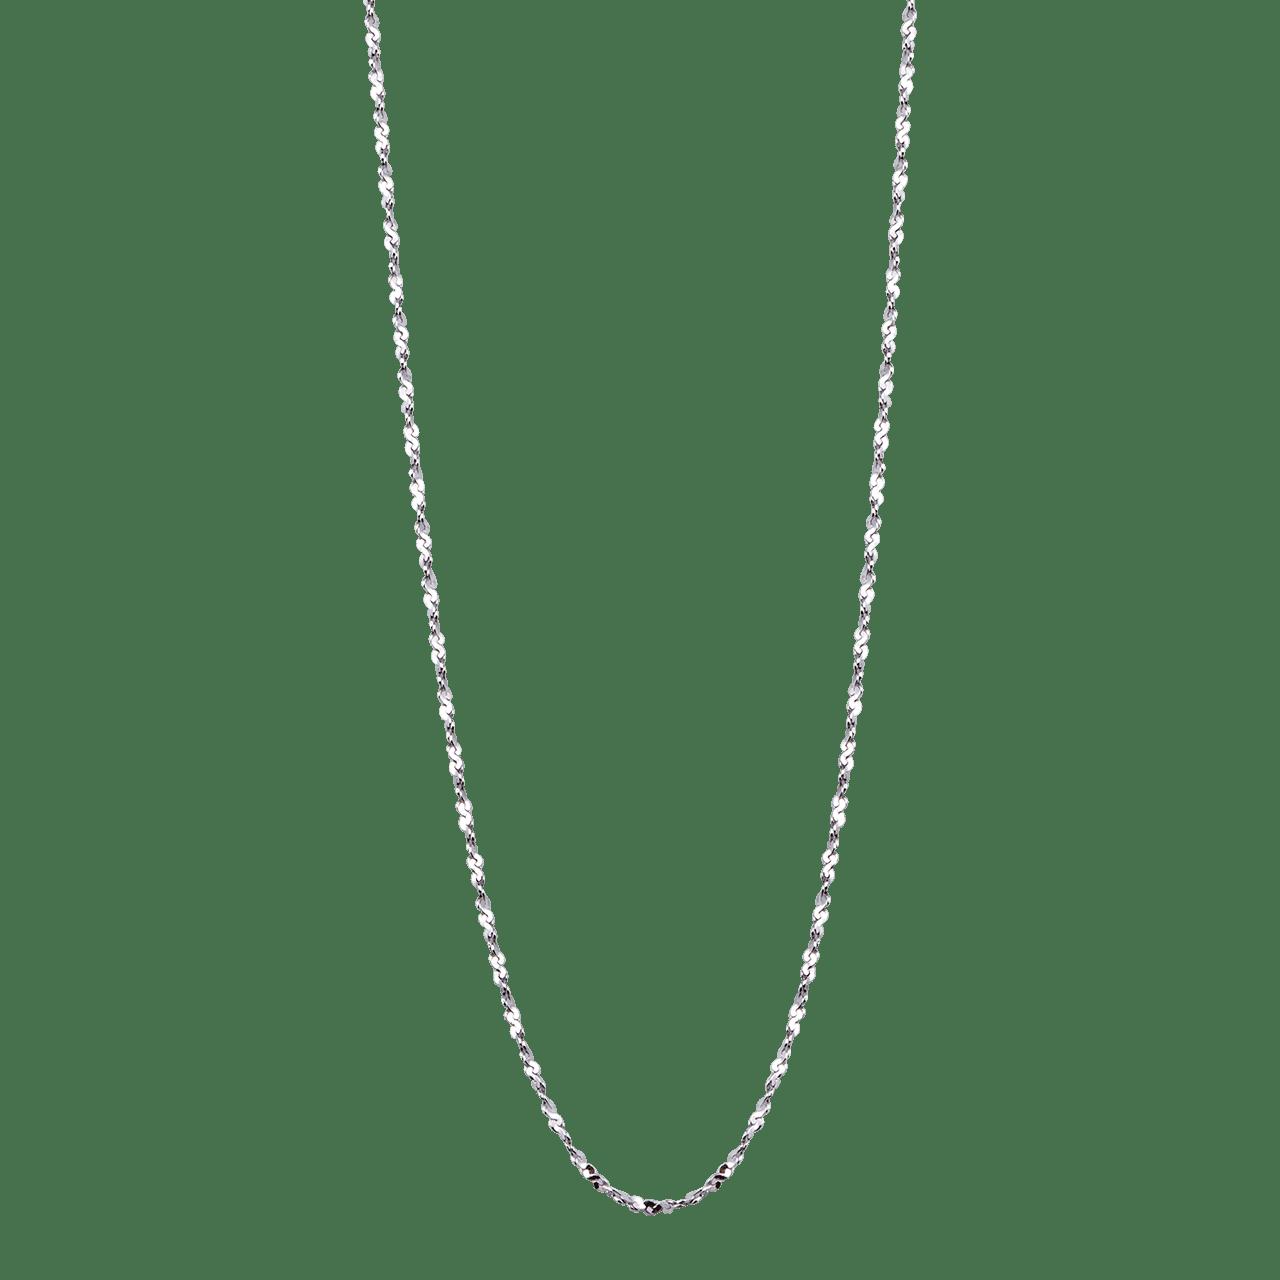 Dây chuyền bạc PNJSilver dây đan dập chữ S 0000K000045